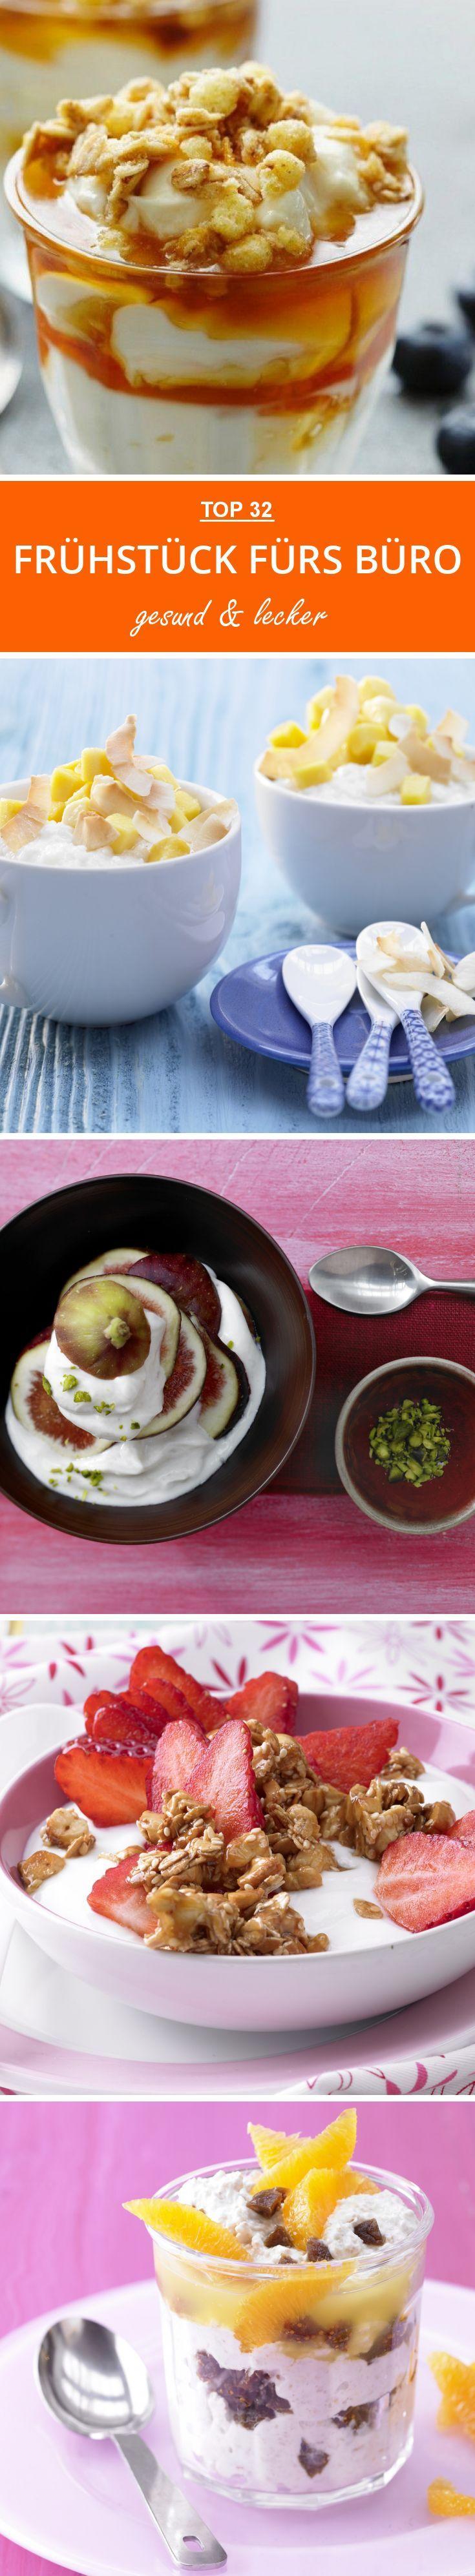 Frühstück - Rezepte fürs Büro. Die Top 32 smarten Frühstücksrezepte von Porridge bis Knuspermüsli.